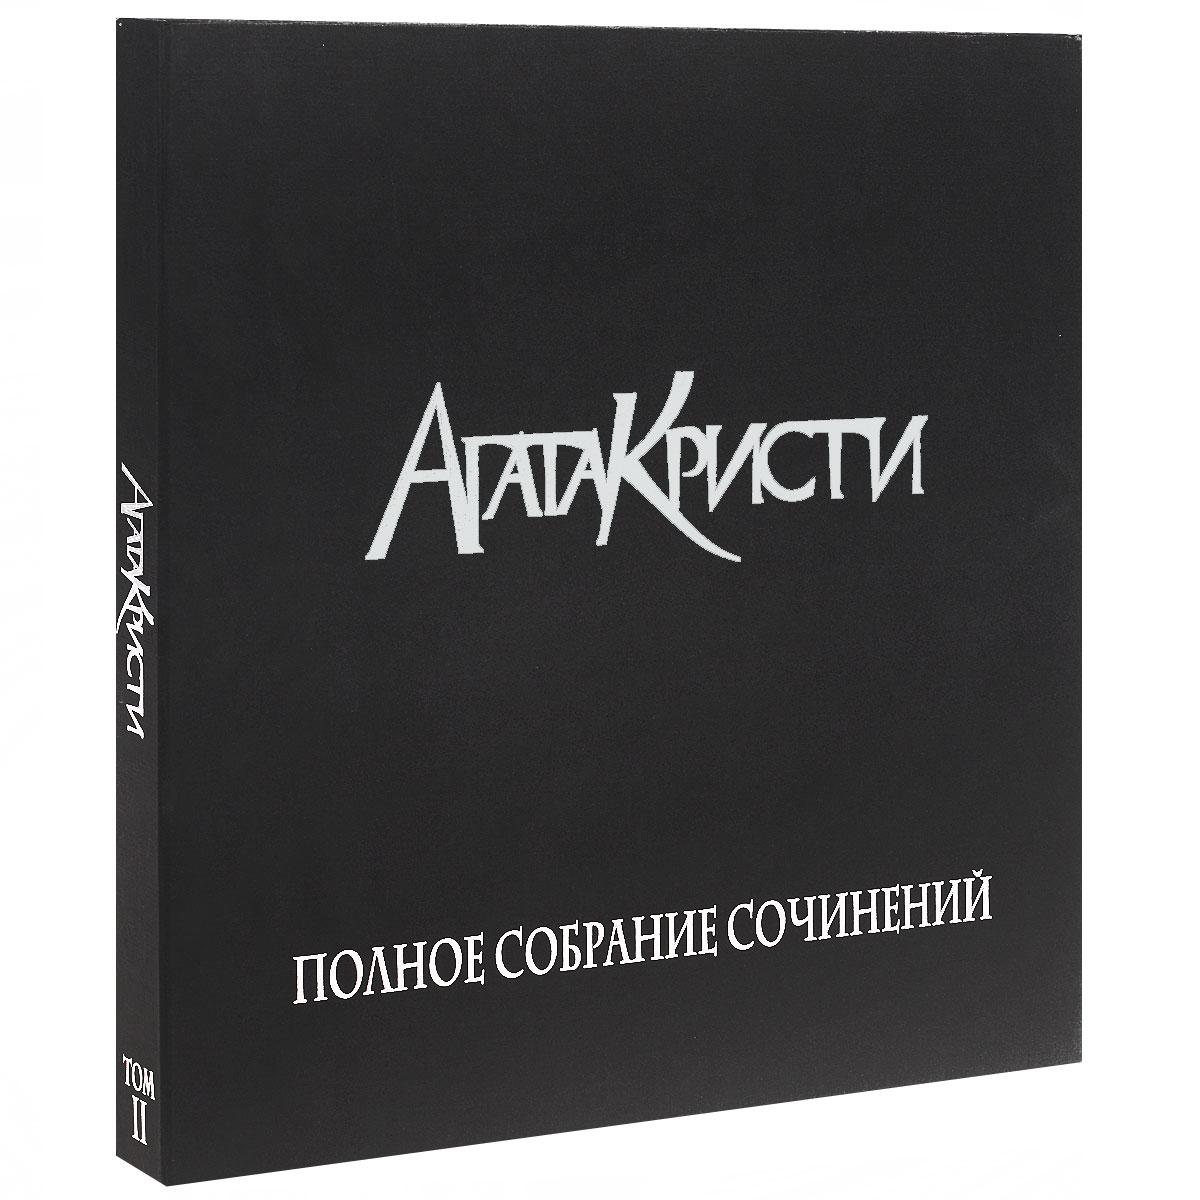 Агата Кристи Агата Кристи. Полное собрание сочинений. Том II (5 LP) агата кристи опиум lp